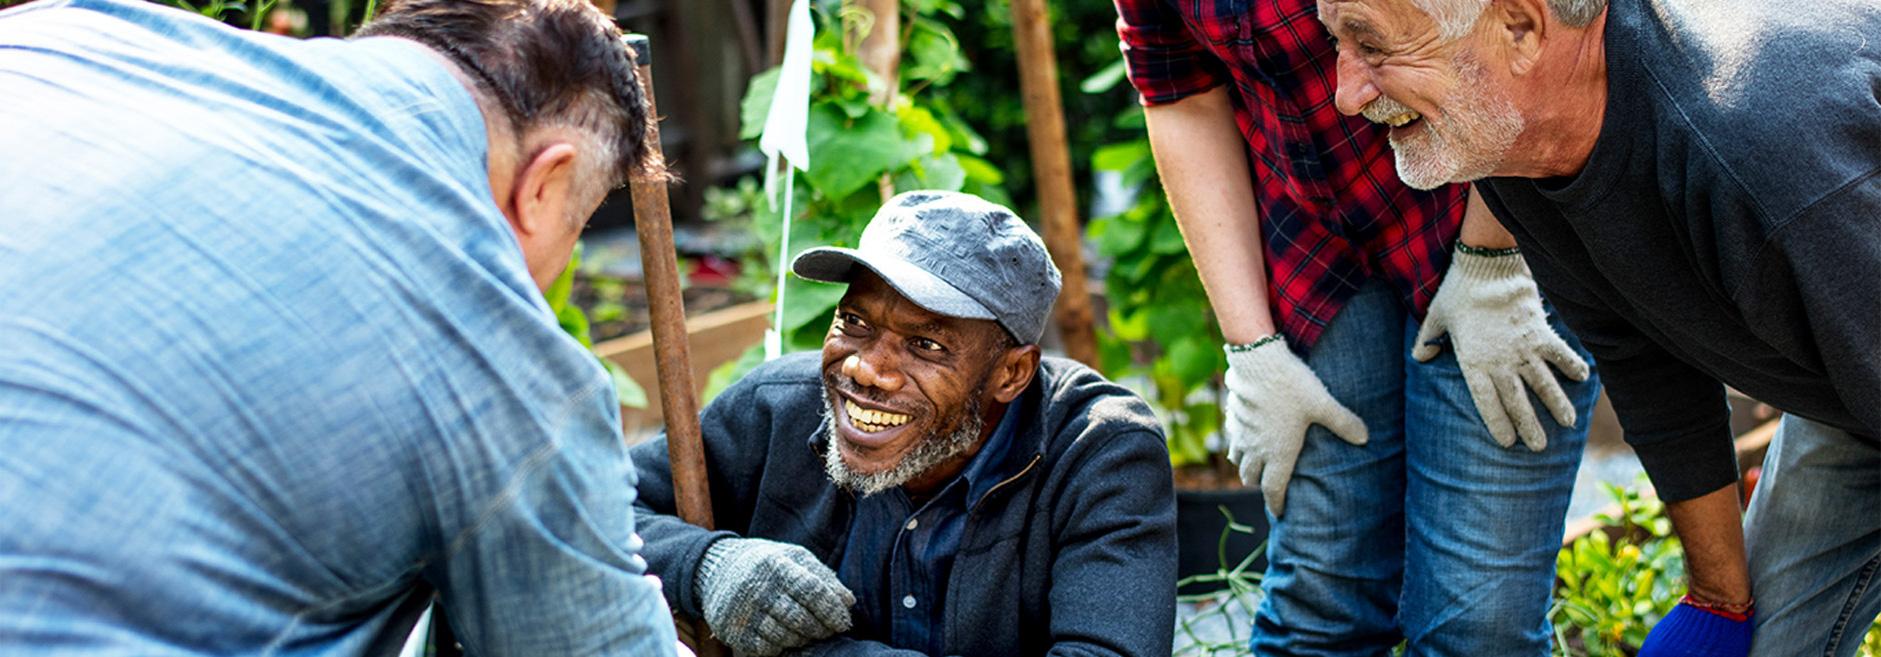 men laughing in community garden